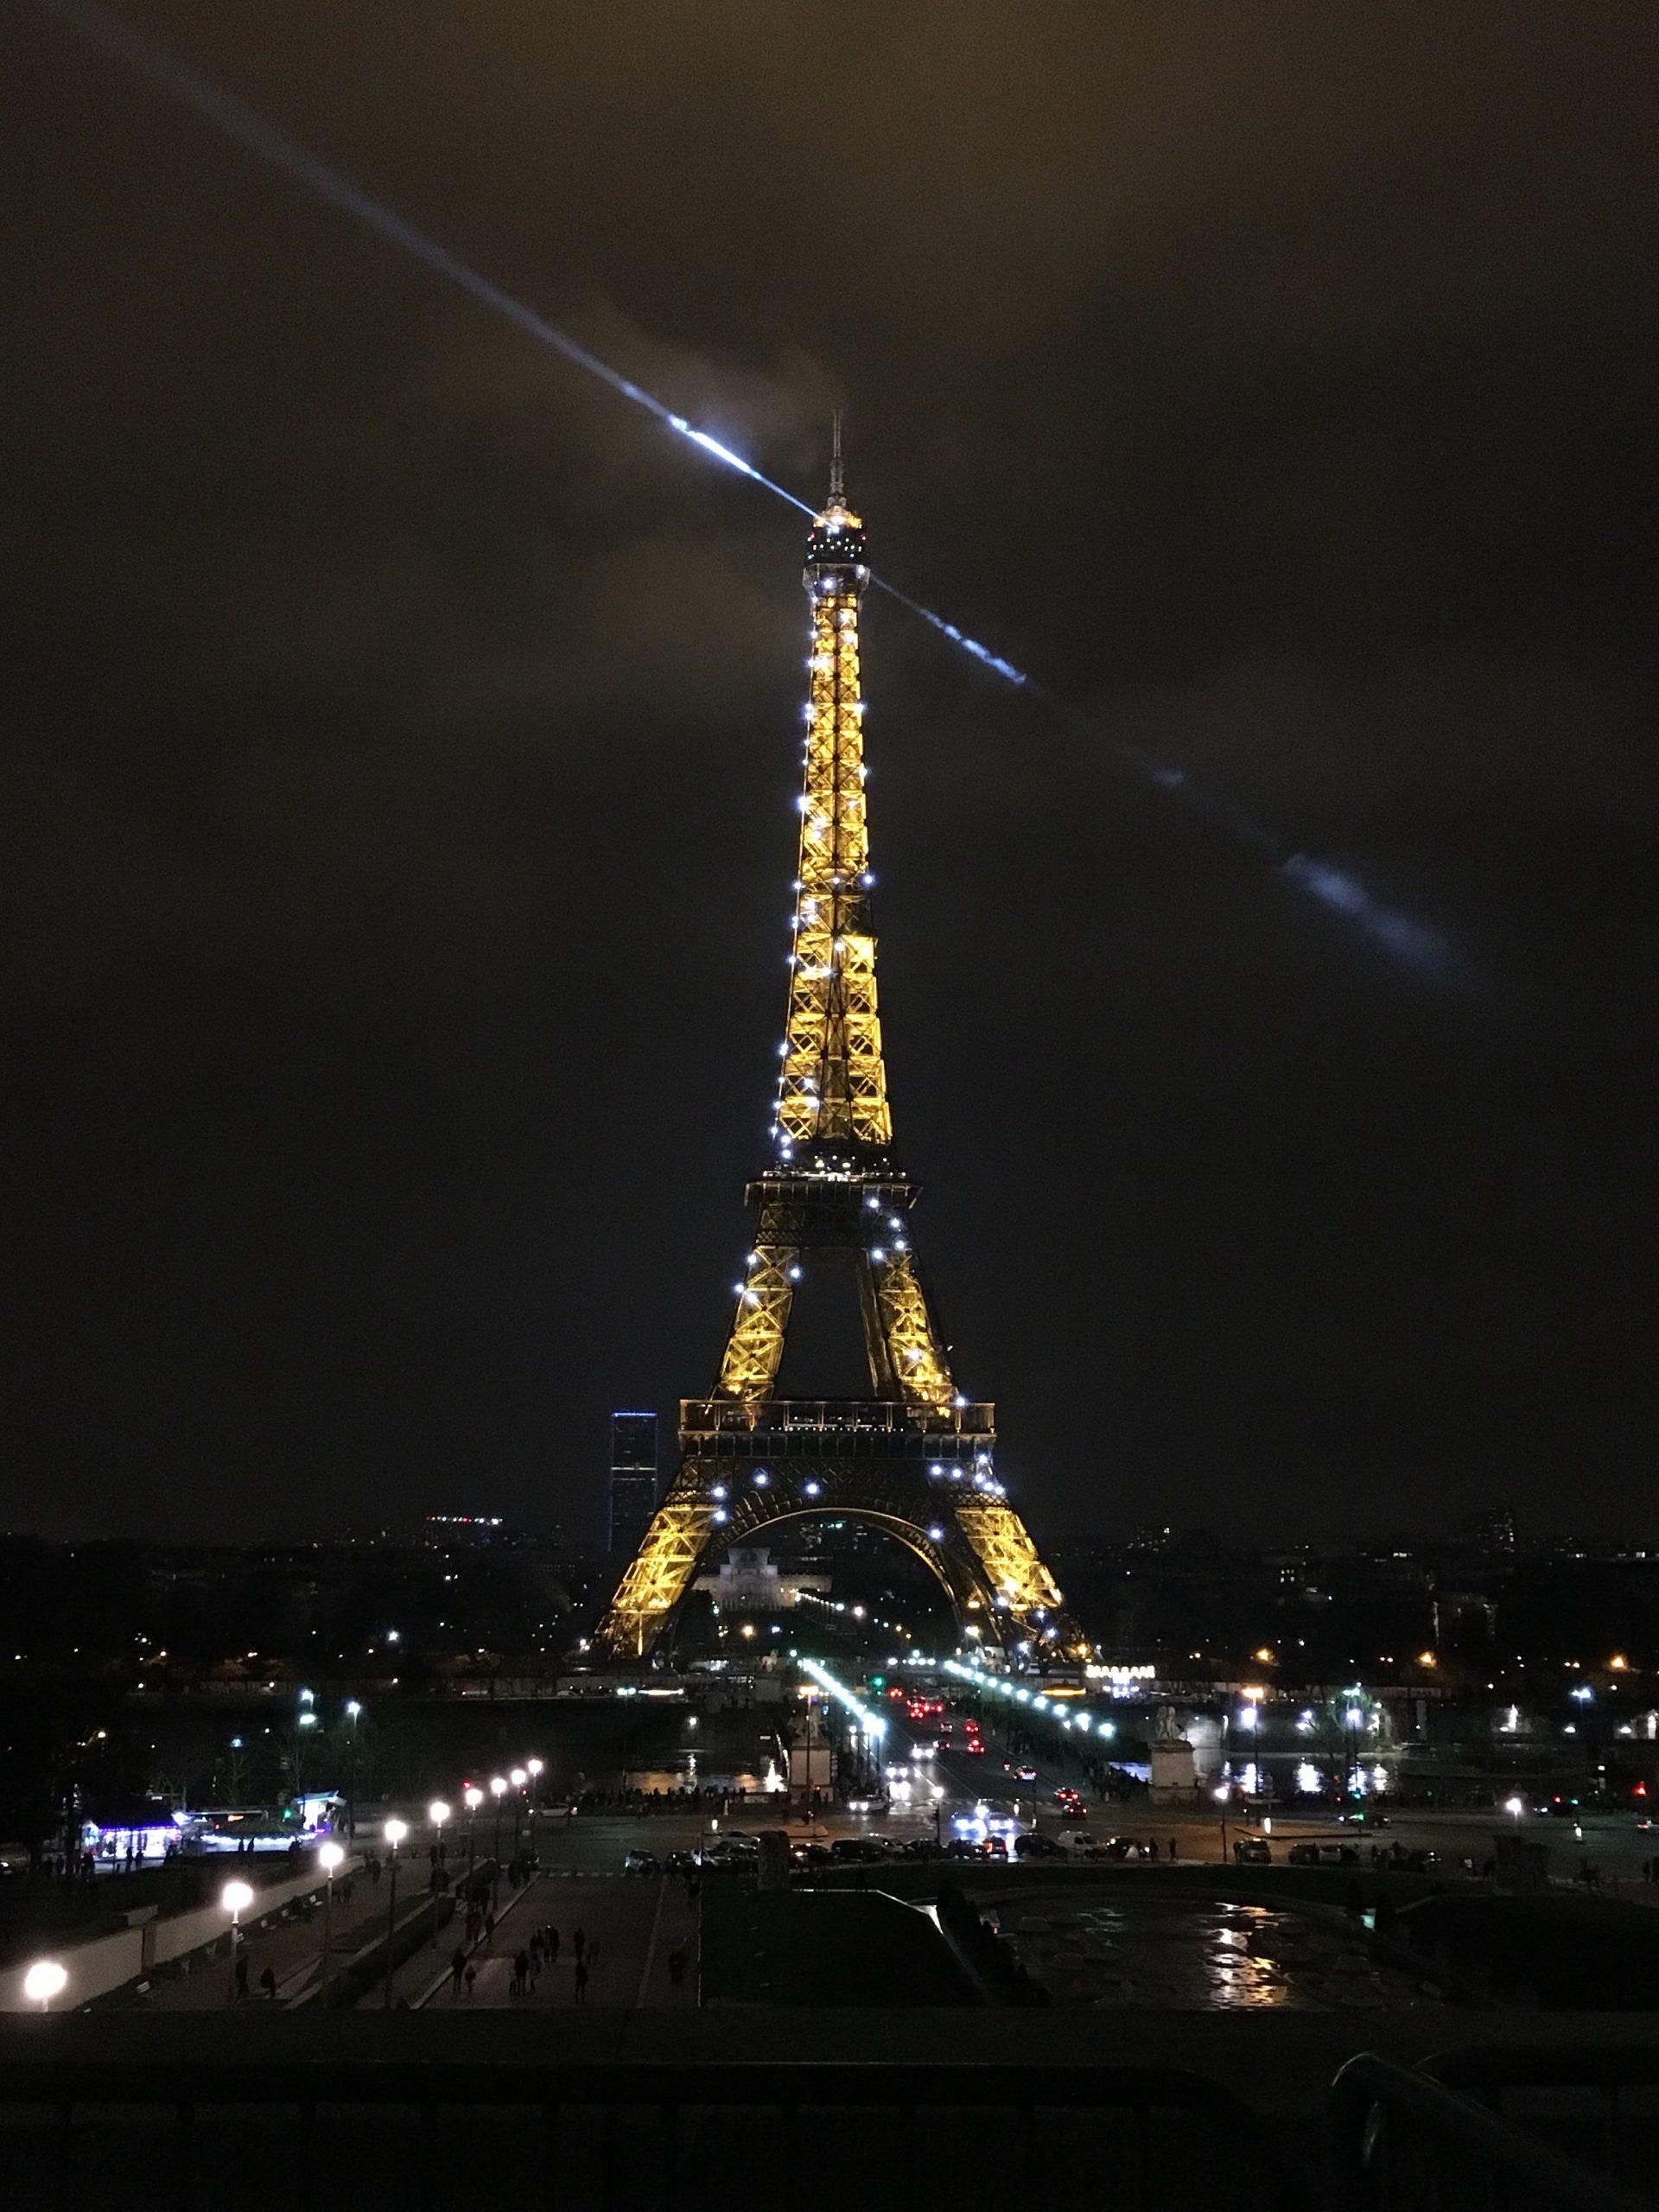 Ką apžiūrėti Paryžiuje?